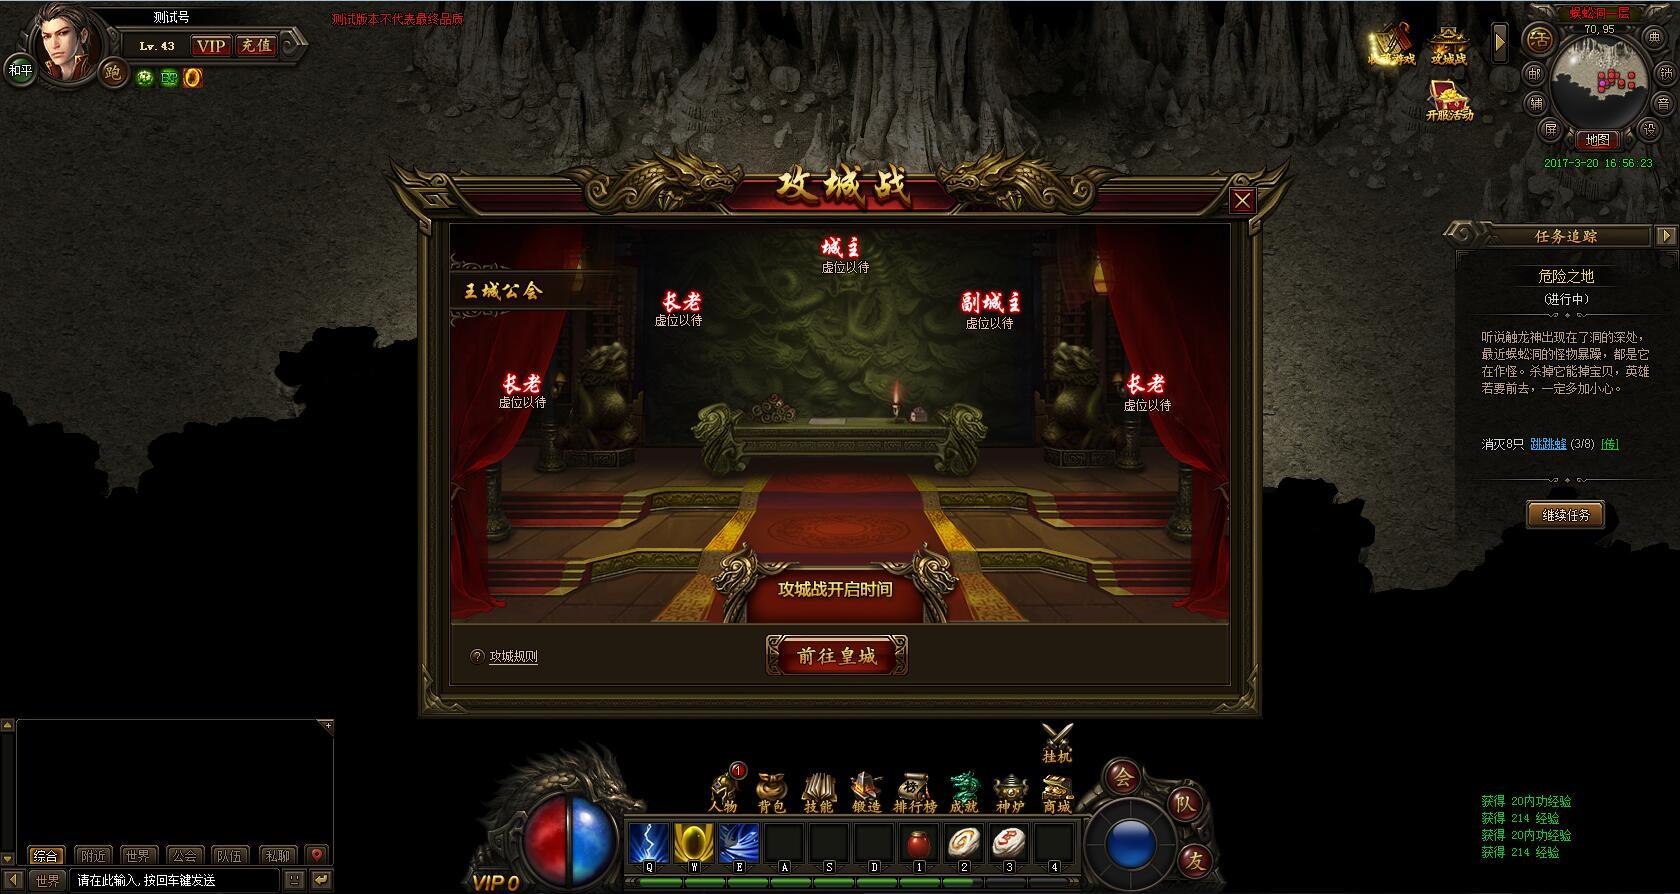 龙魂沙城游戏截图5